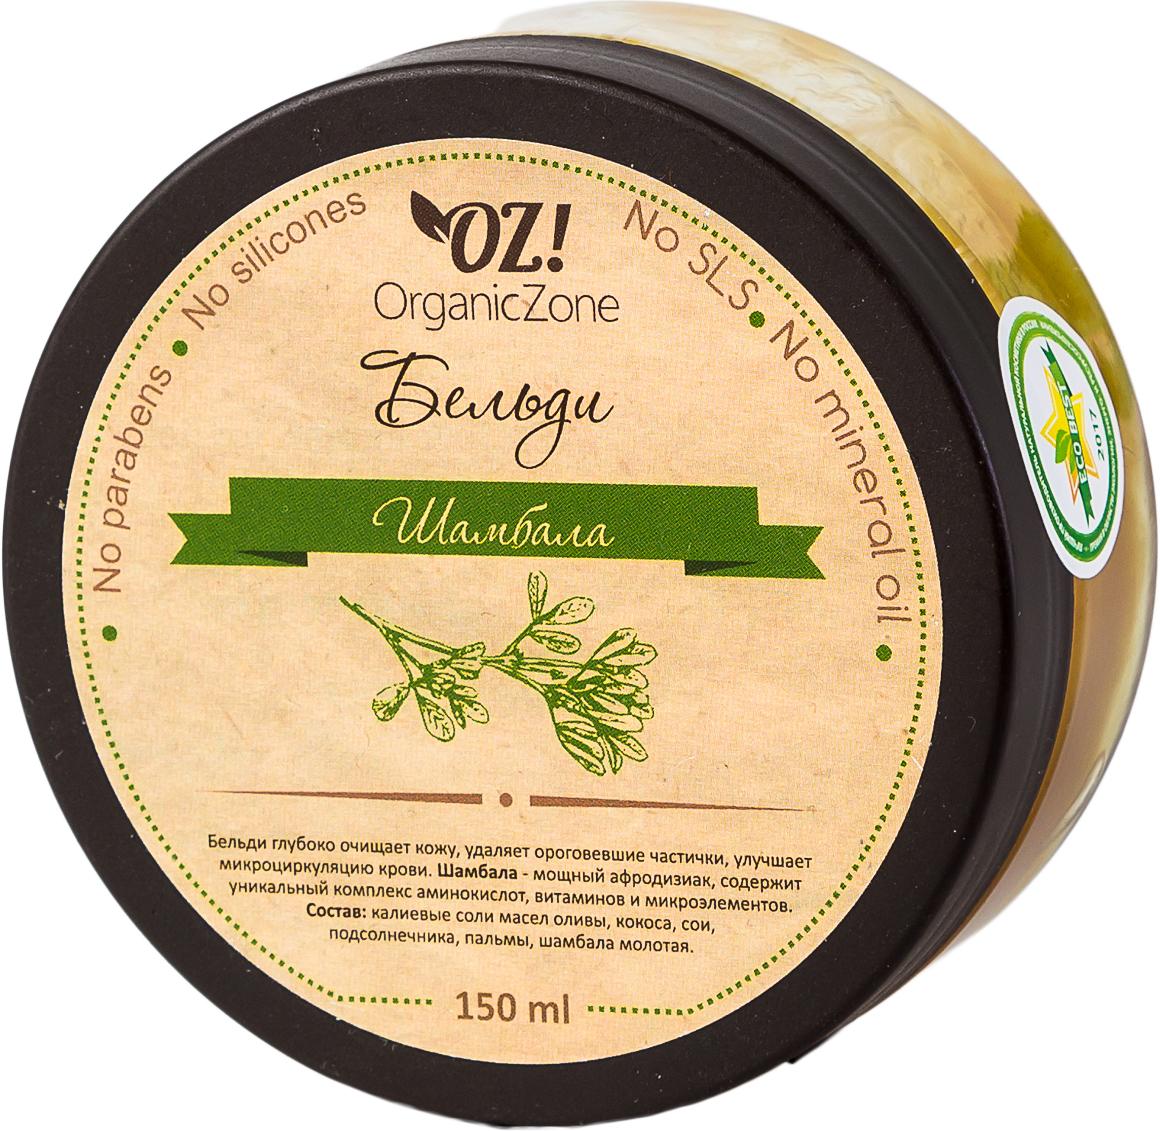 OrganicZone Бельди Шамбала, 150 мл4626018133927Глубоко очищает кожу, удаляет ороговевшие частички, улучшает микроциркуляцию крови. Шамбала мощный афродизиак, содержит уникальный комплекс аминокислот, витаминов и микроэлементов.